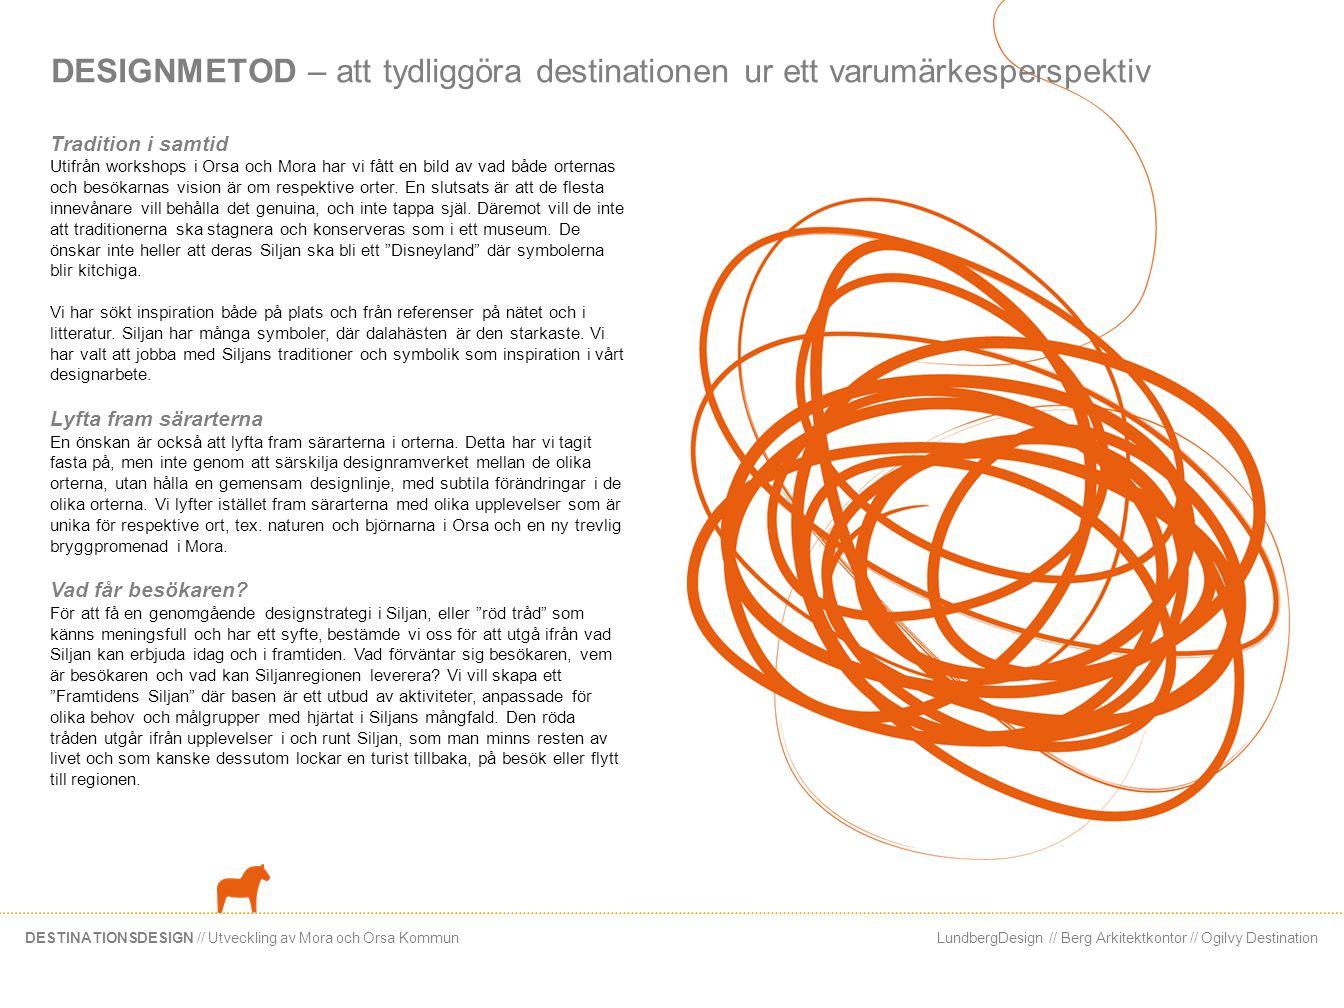 LundbergDesign // Berg Arkitektkontor // Ogilvy DestinationDESTINATIONSDESIGN // Utveckling av Mora och Orsa Kommun DESIGNMETOD – att tydliggöra desti